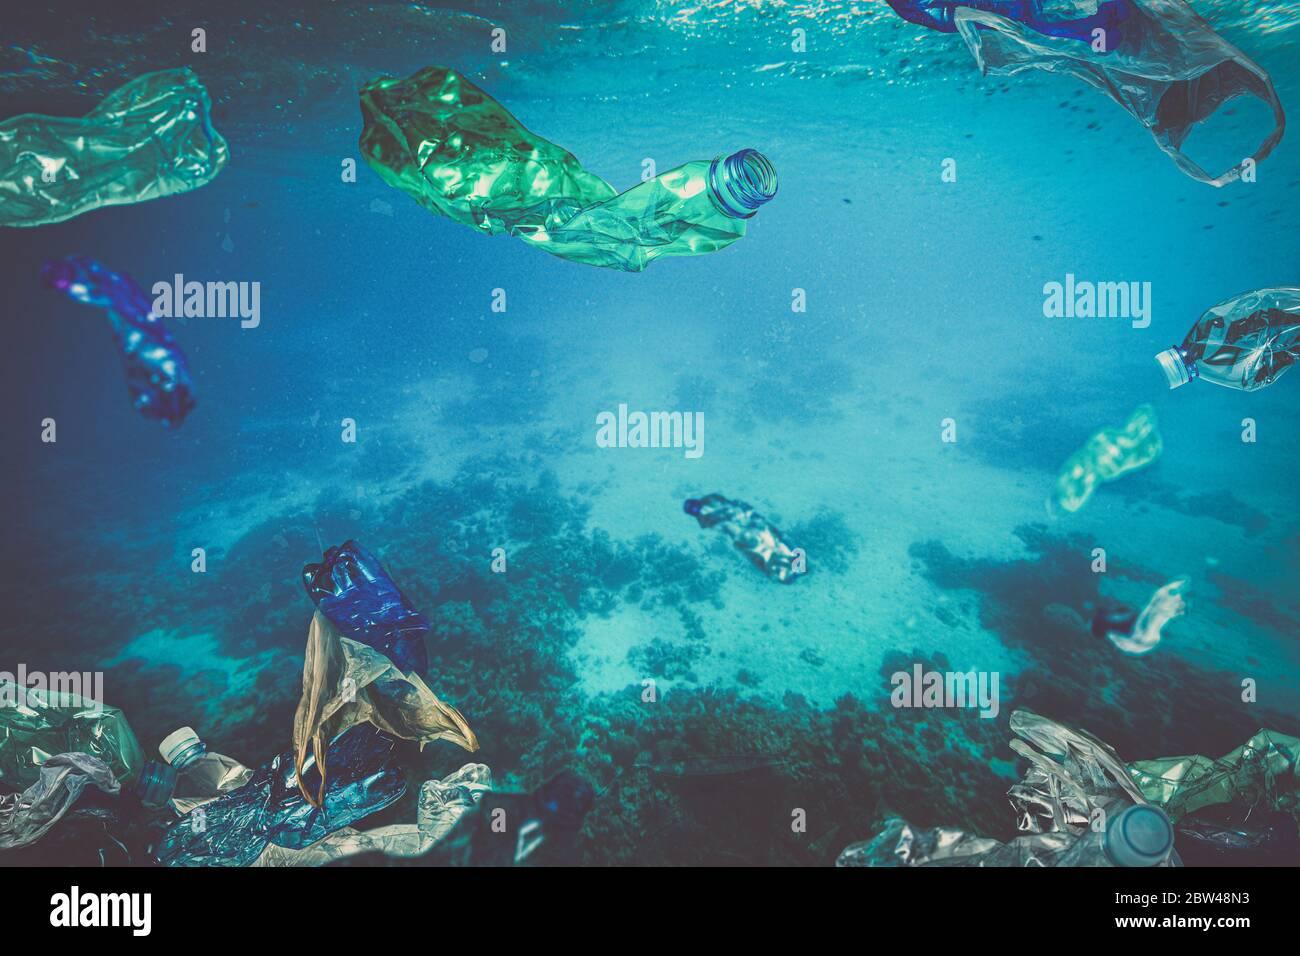 residuos plásticos, bolsas de botellas flotando bajo el agua en el mar. nadie alrededor, concepto de desastre ecológico y problema en la eliminación de plástico. Foto de stock